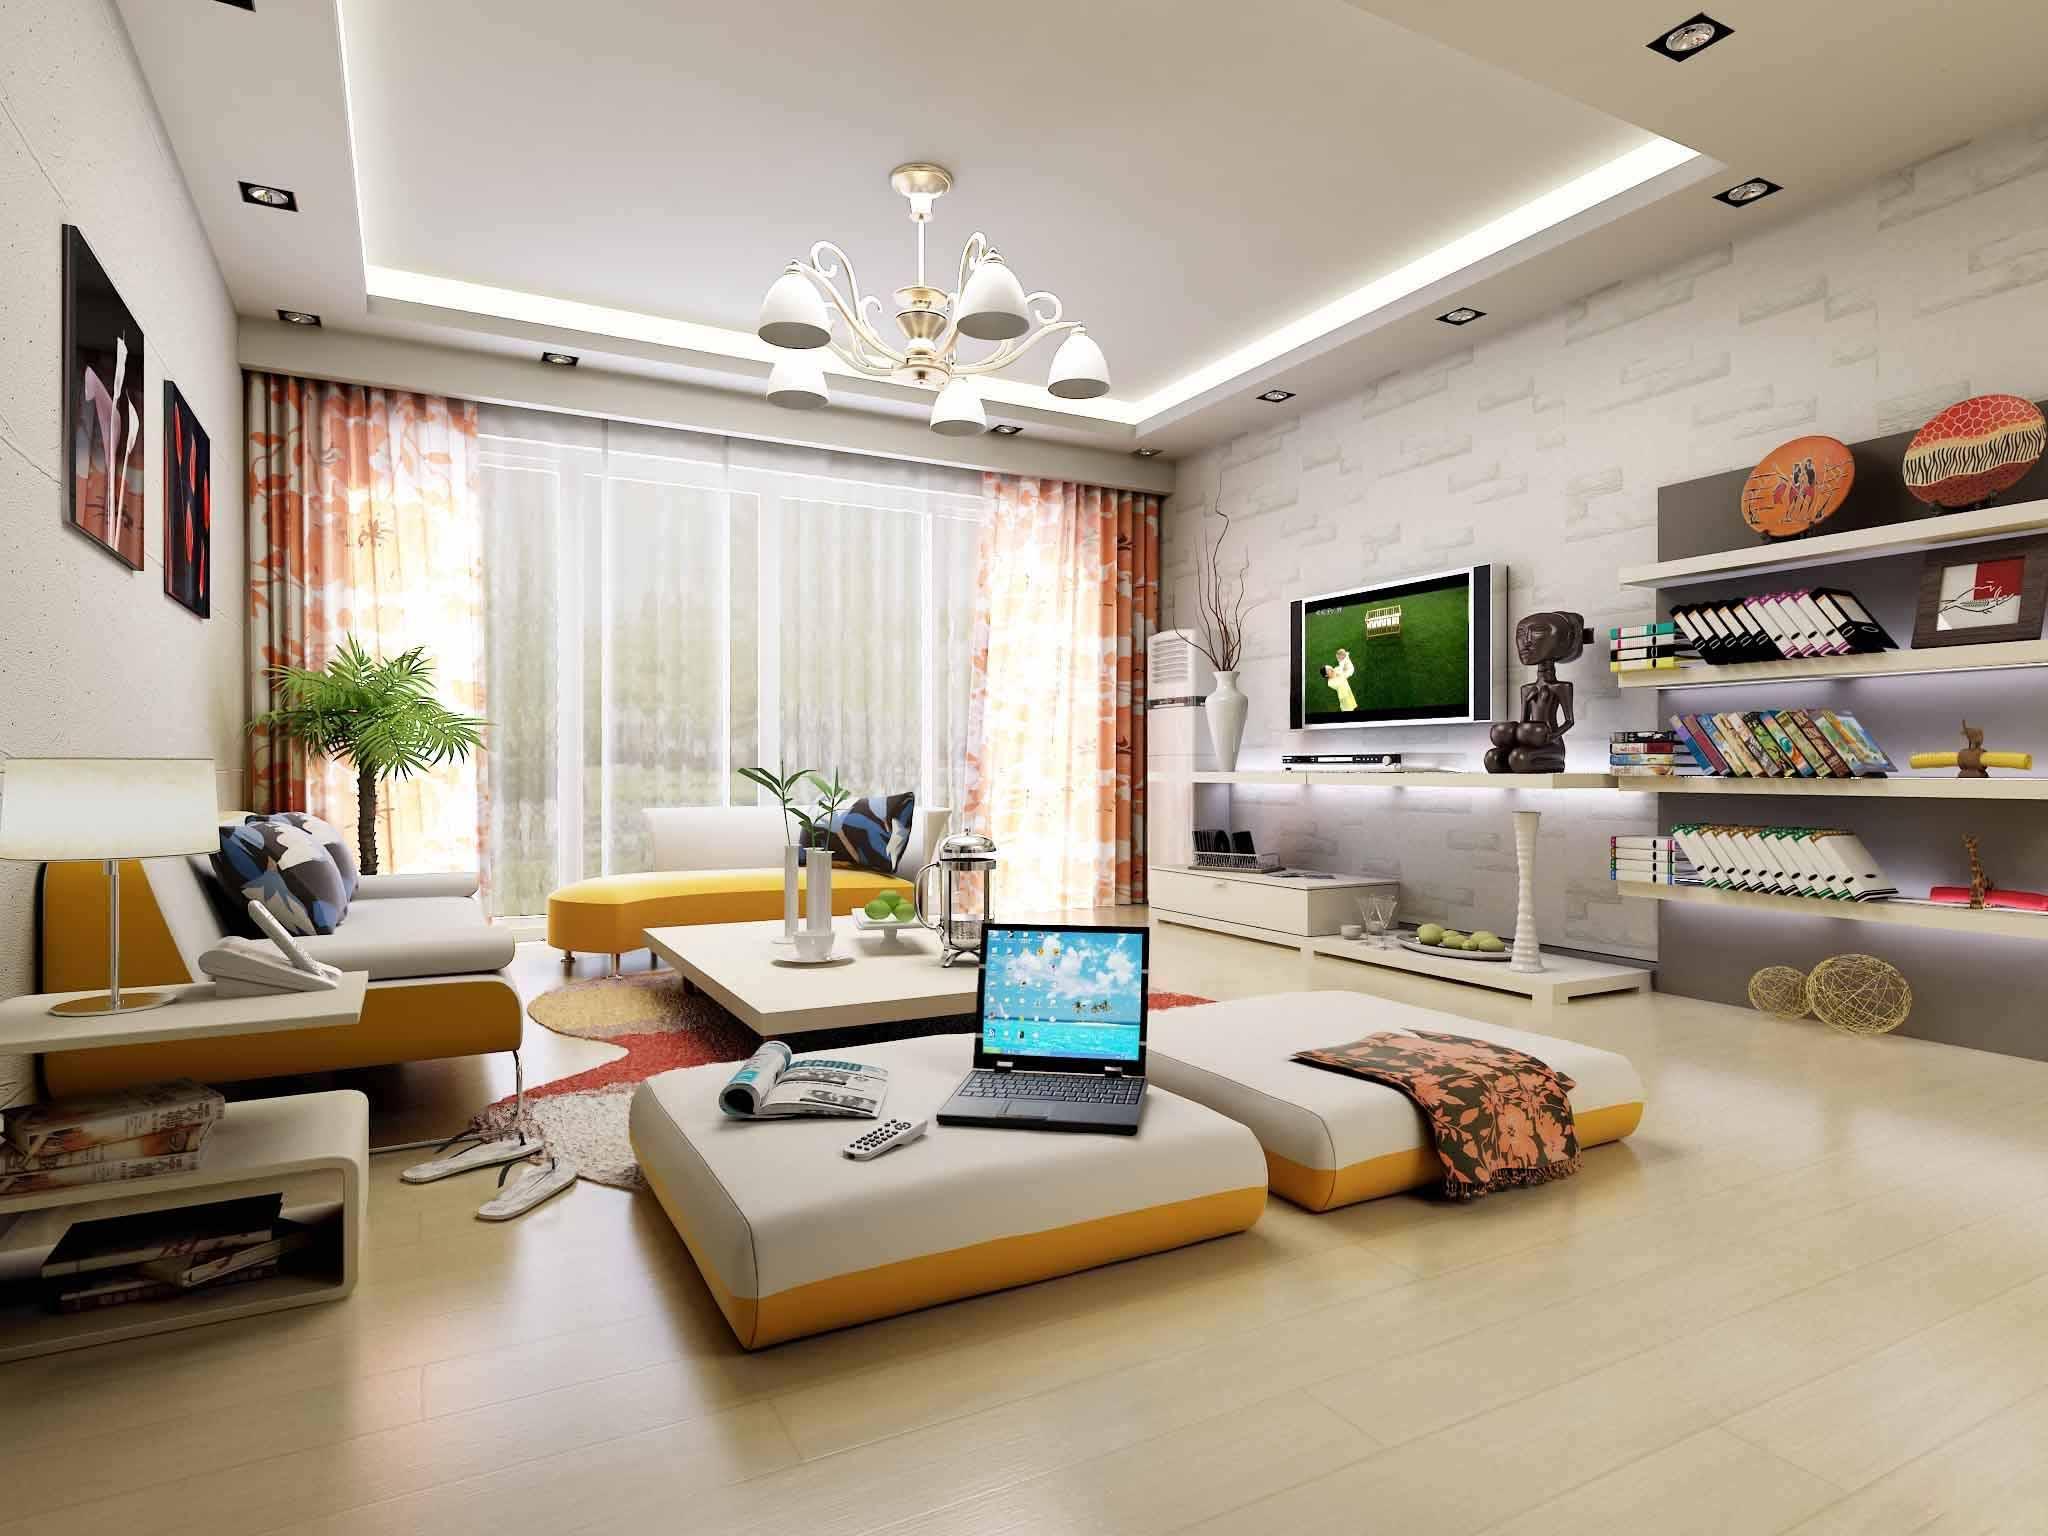 长沙装修公司丨别墅墙面的验收技巧有哪些?